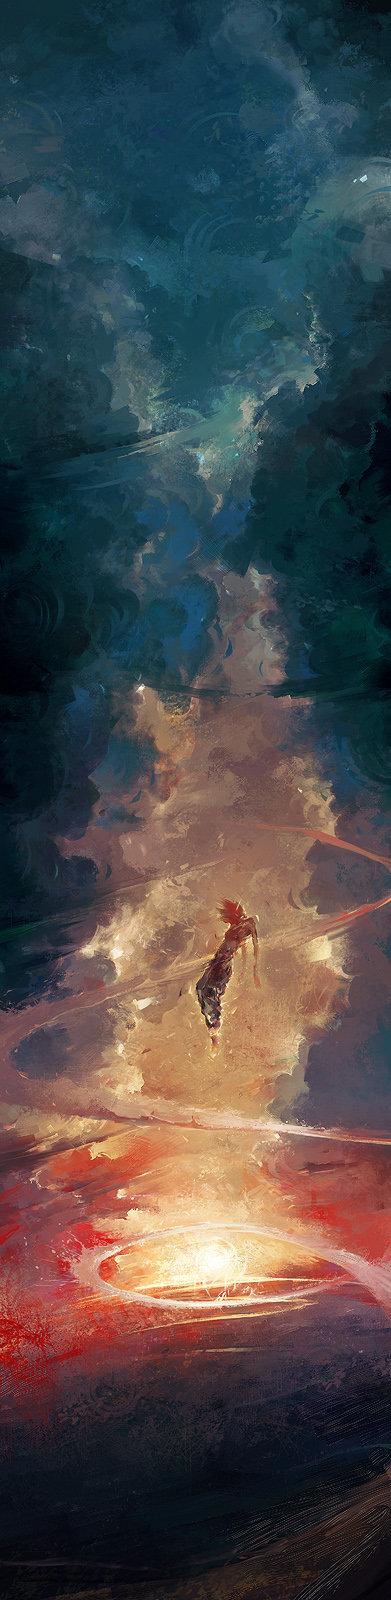 Этот Чудесный Рисованный Мир - 37 (201 работ)